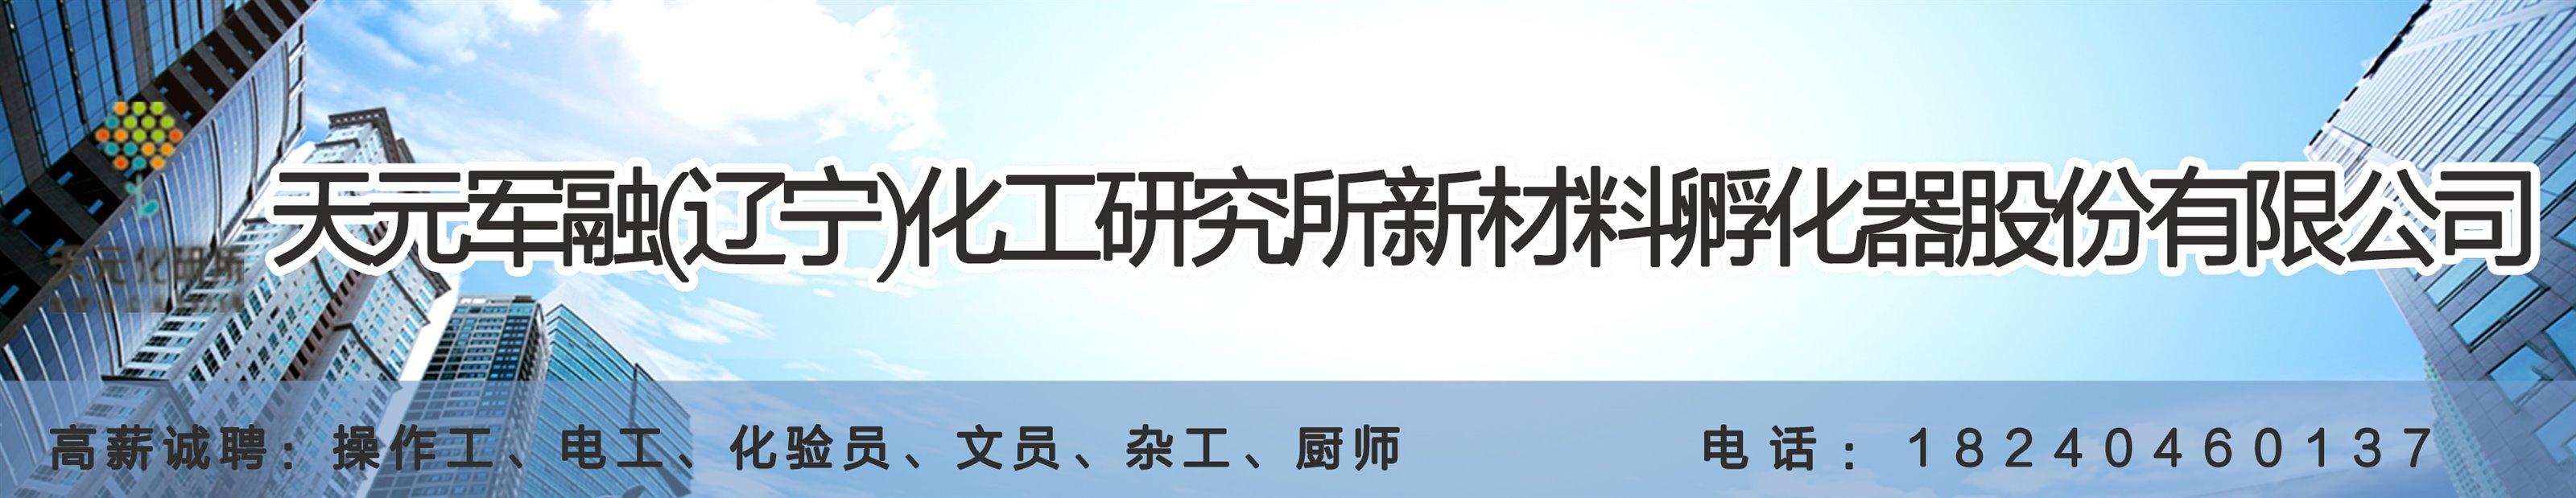 天元军融(辽宁)化工研究所新材料孵化器股份有限公司